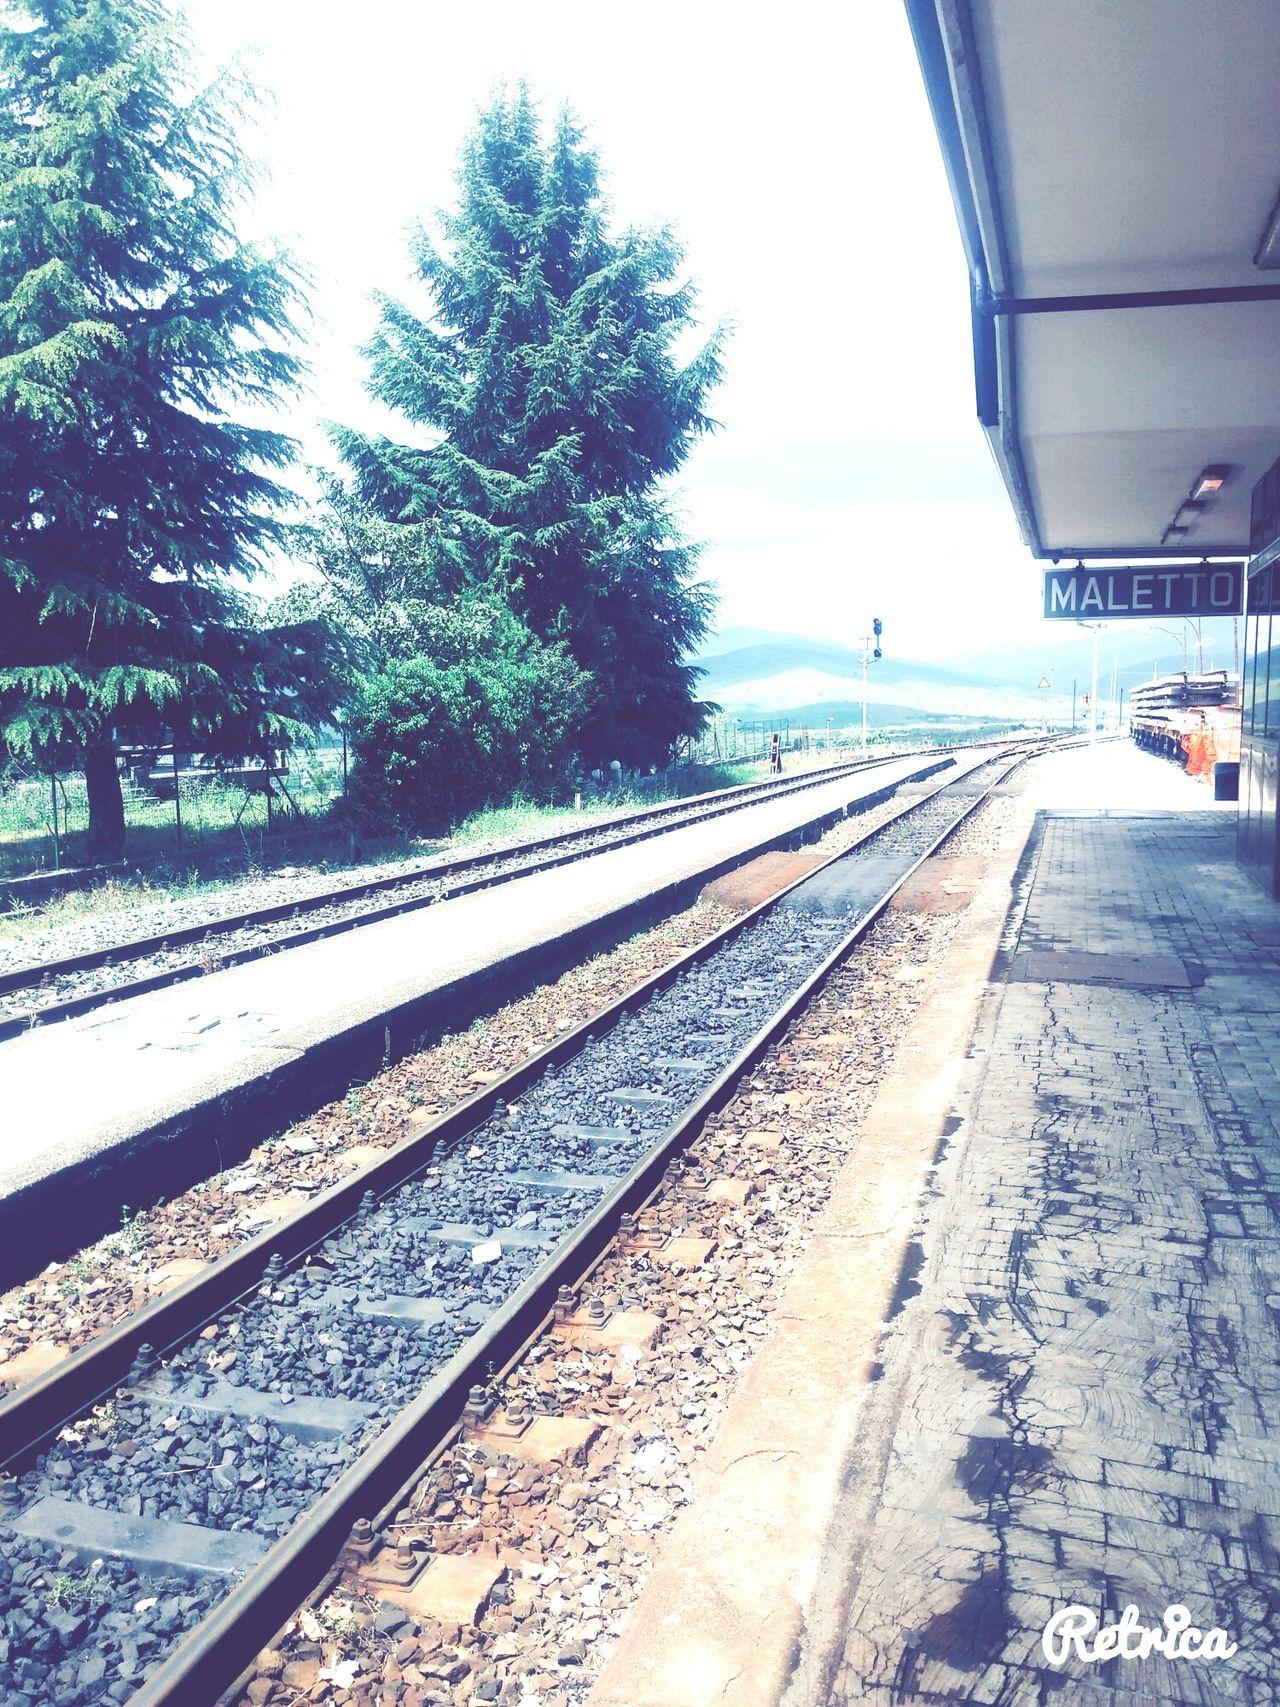 Ferrovia Stazione Vento Nuvole Natura Maletto Etuttoilmondofuori Dopoesserearrivati Rilassante Ilsilenzio